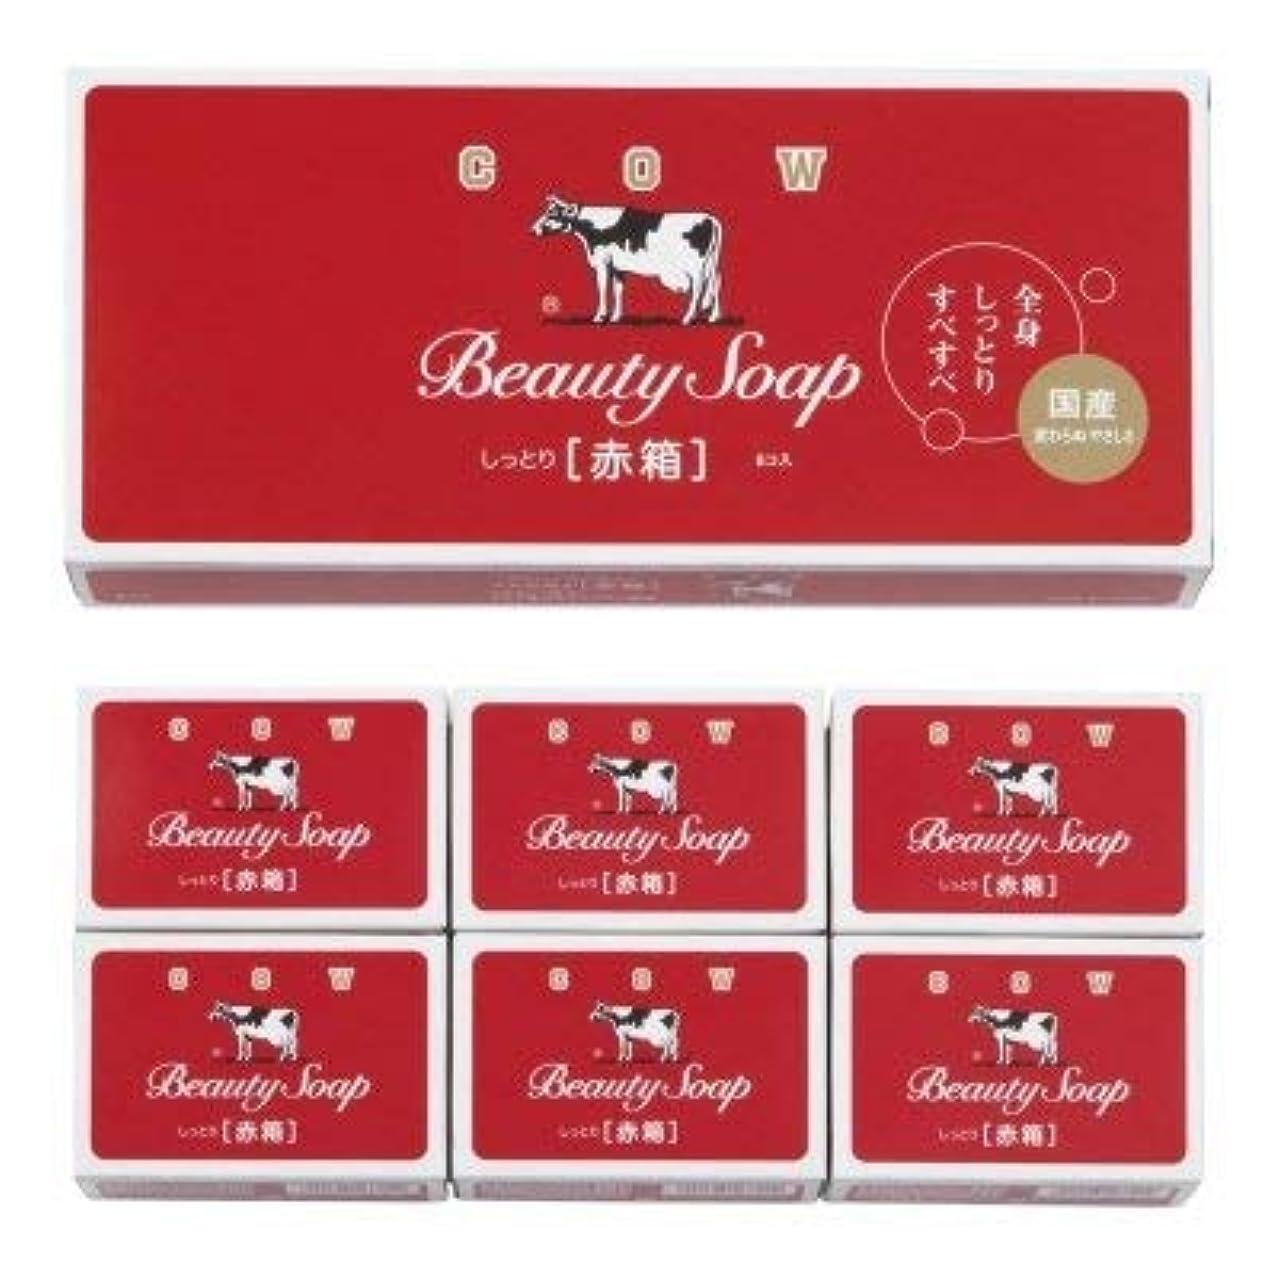 中傷気味の悪い長方形【国産】牛乳石鹸 カウブランド 赤箱6コ入 (12個1セット)